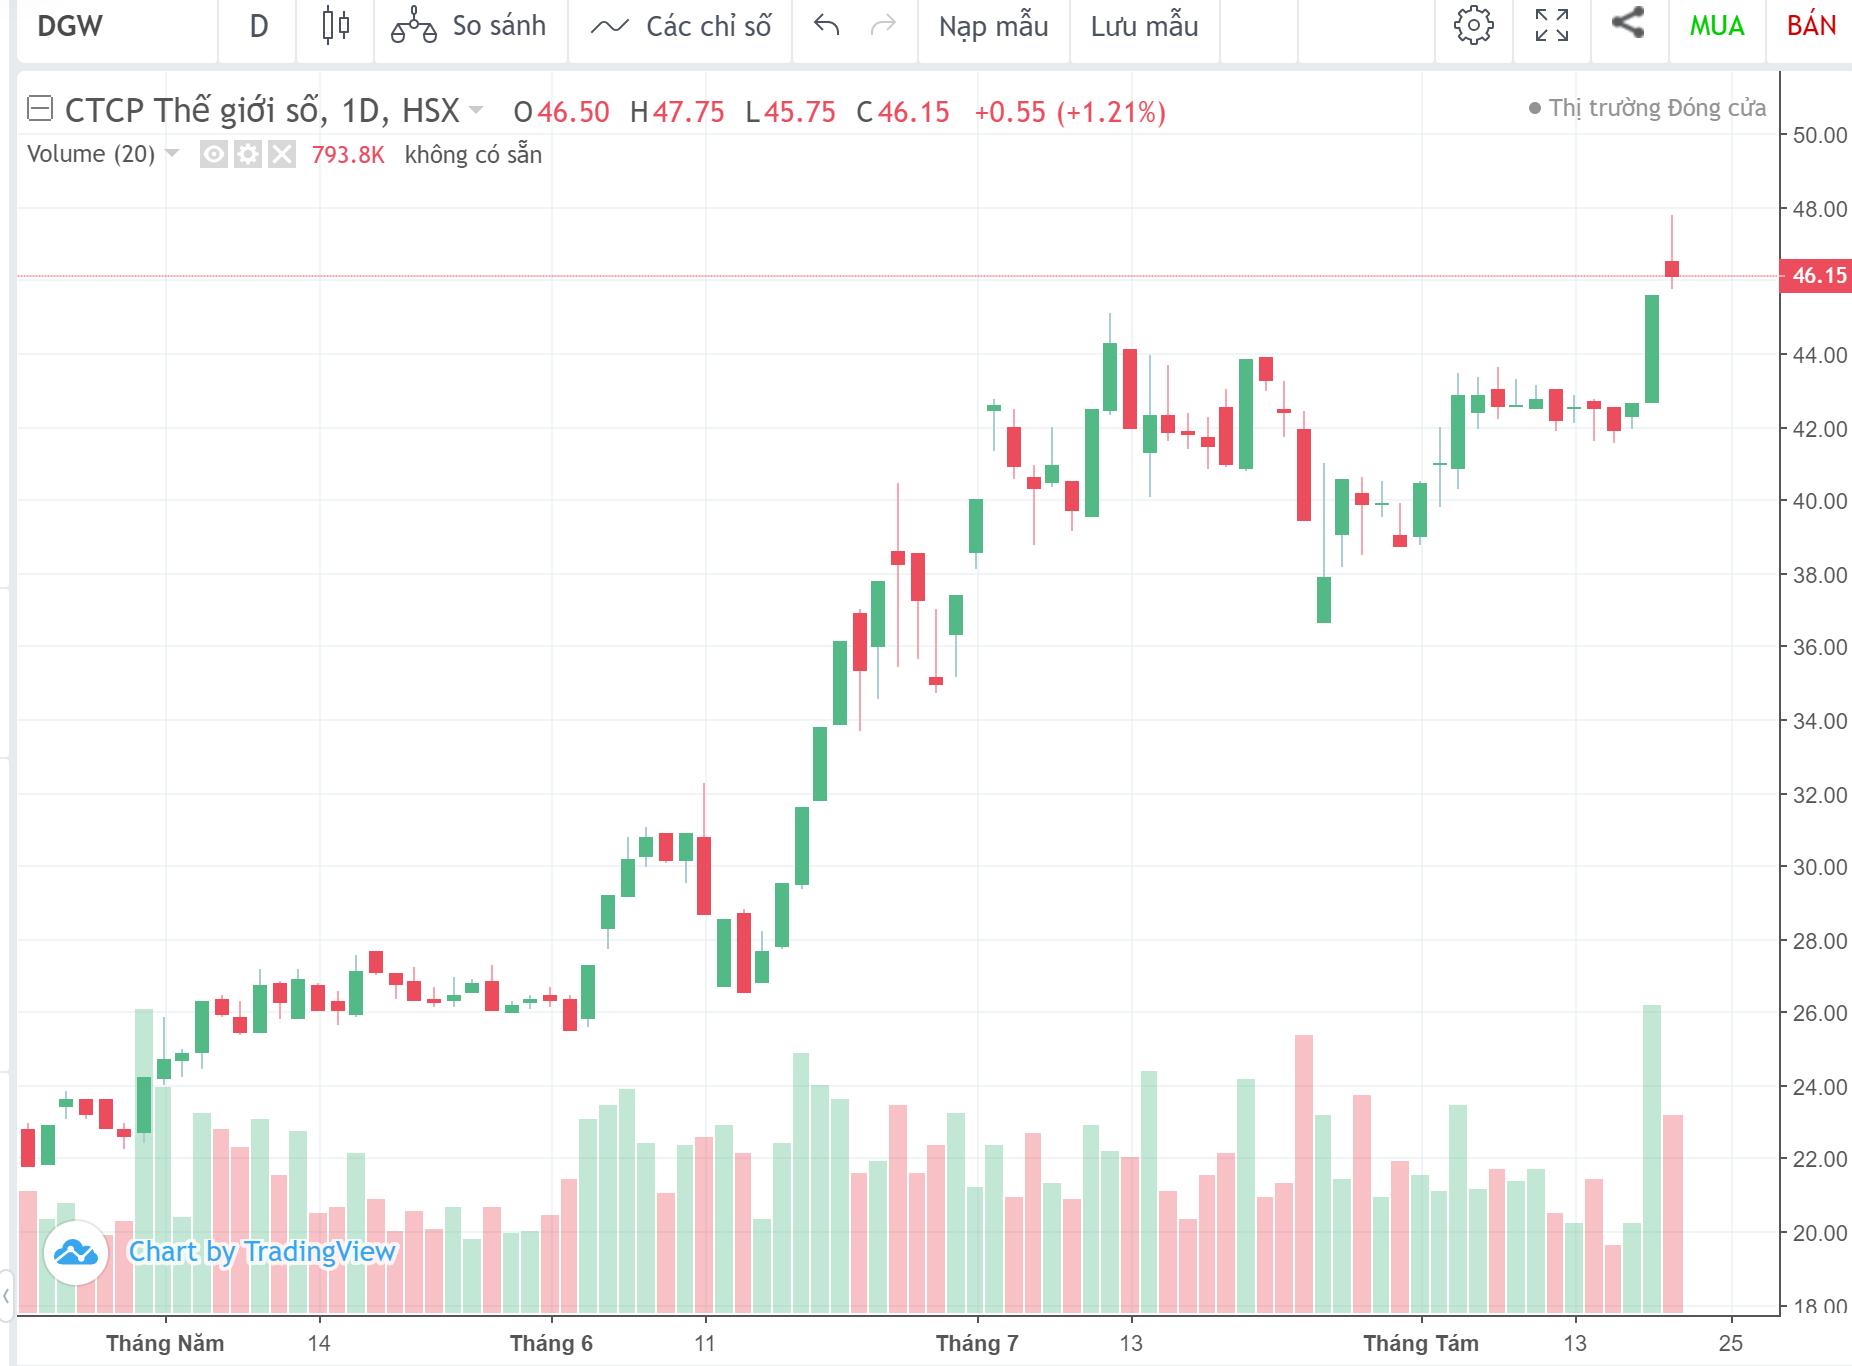 Cổ phiếu tâm điểm ngày 21/8: SHB, DGW, SHS, LIX - Ảnh 3.